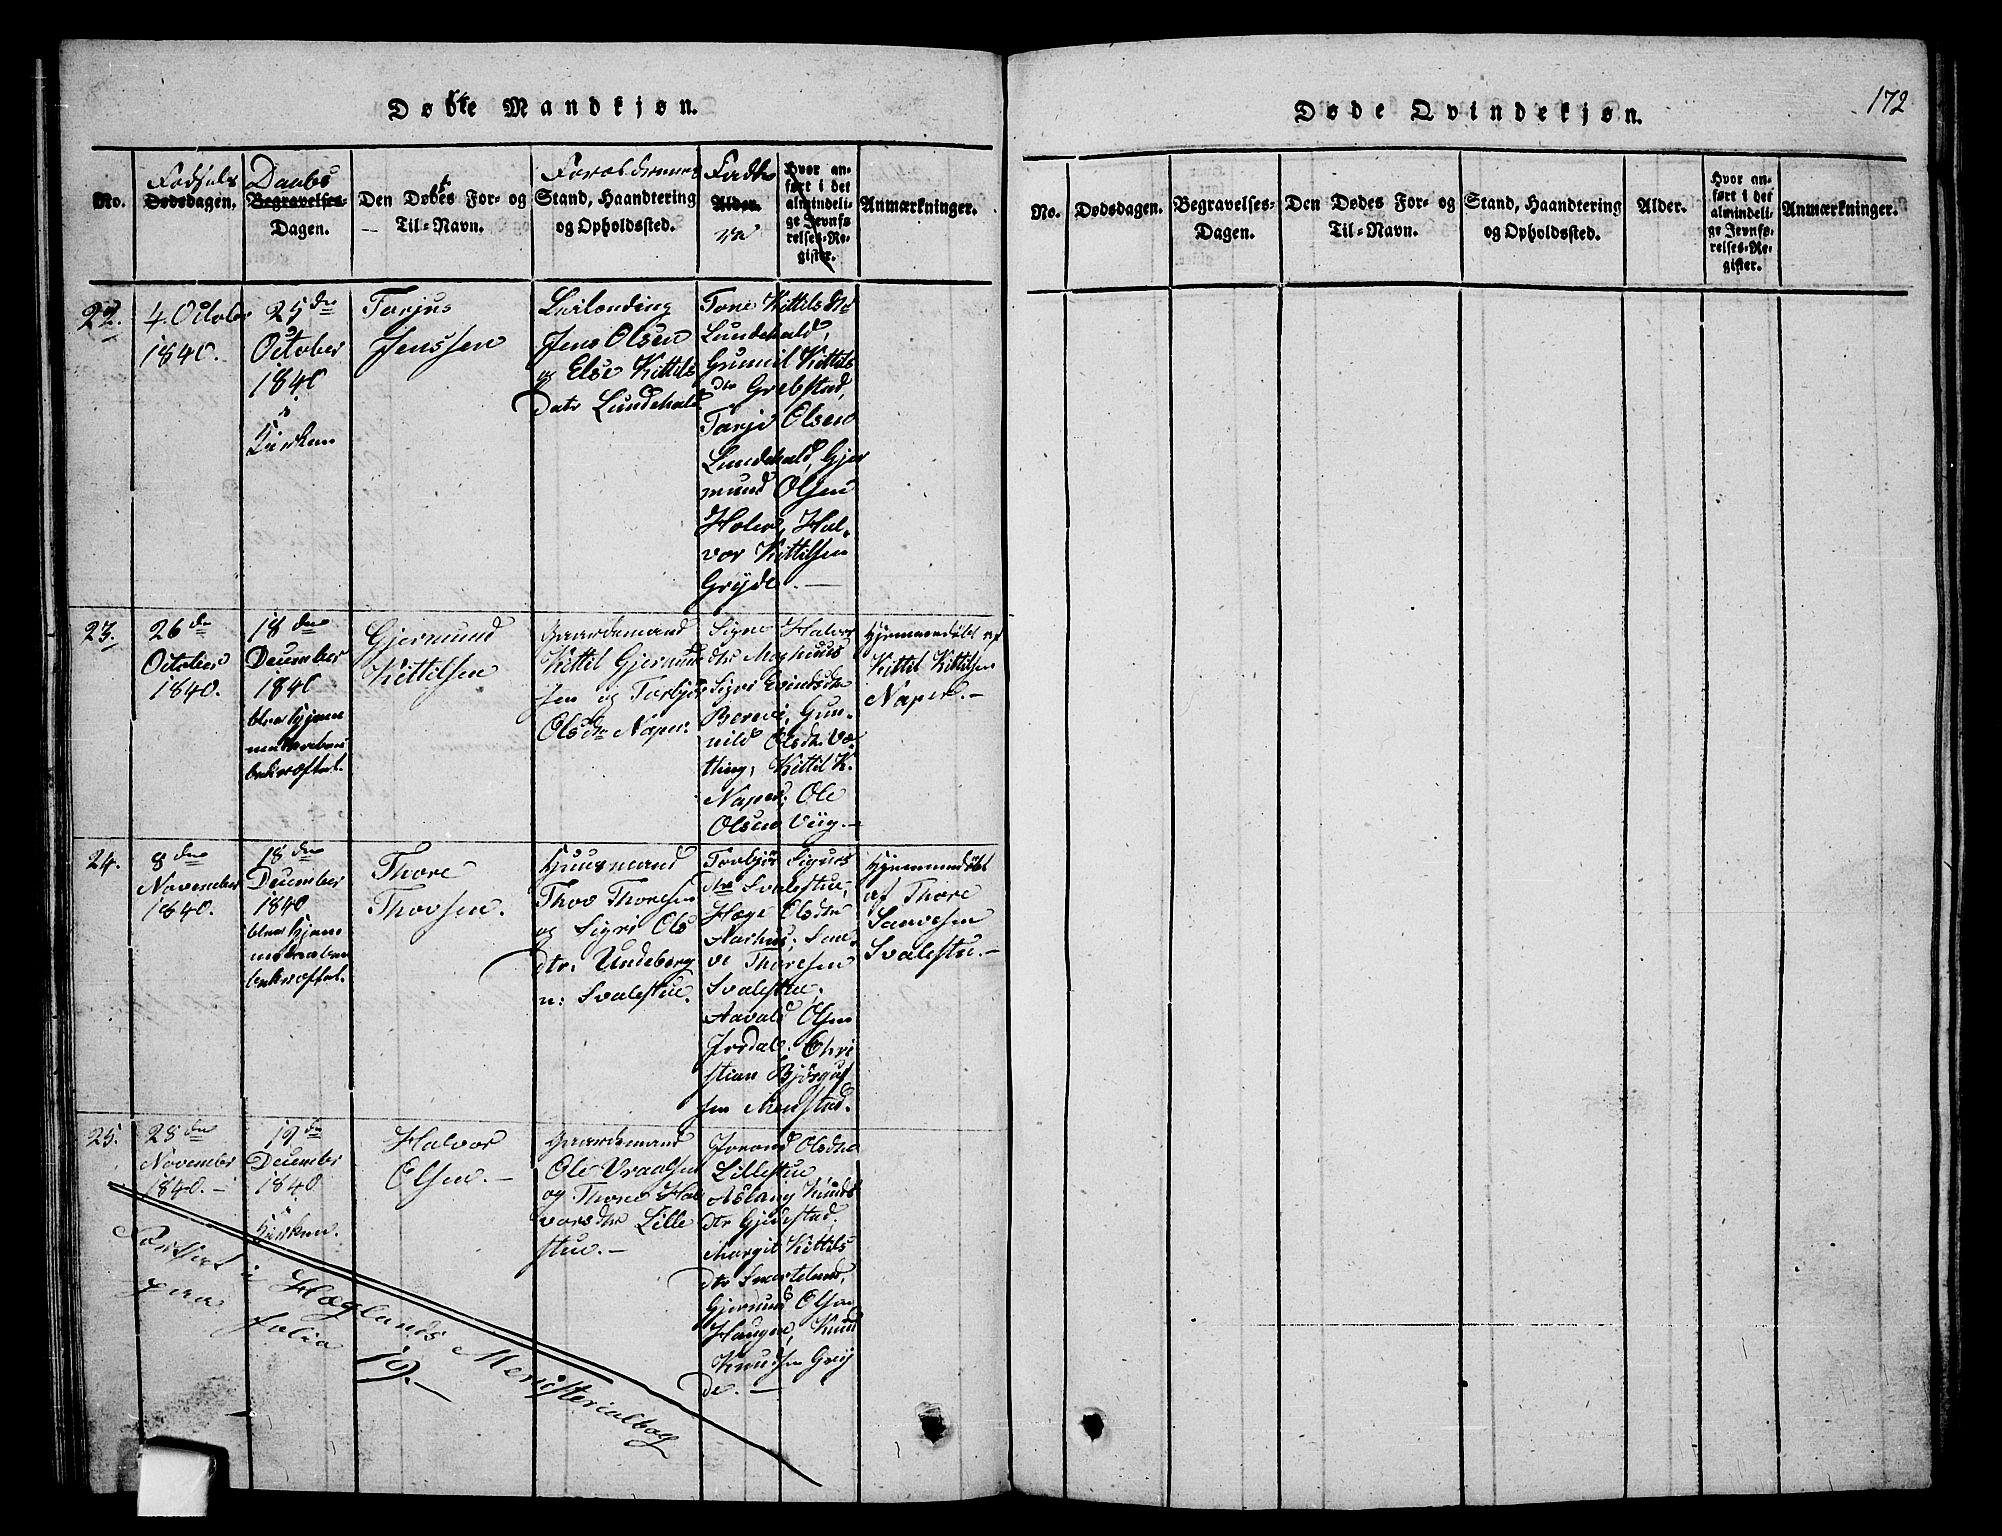 SAKO, Fyresdal kirkebøker, G/Ga/L0001: Klokkerbok nr. I 1, 1816-1840, s. 172